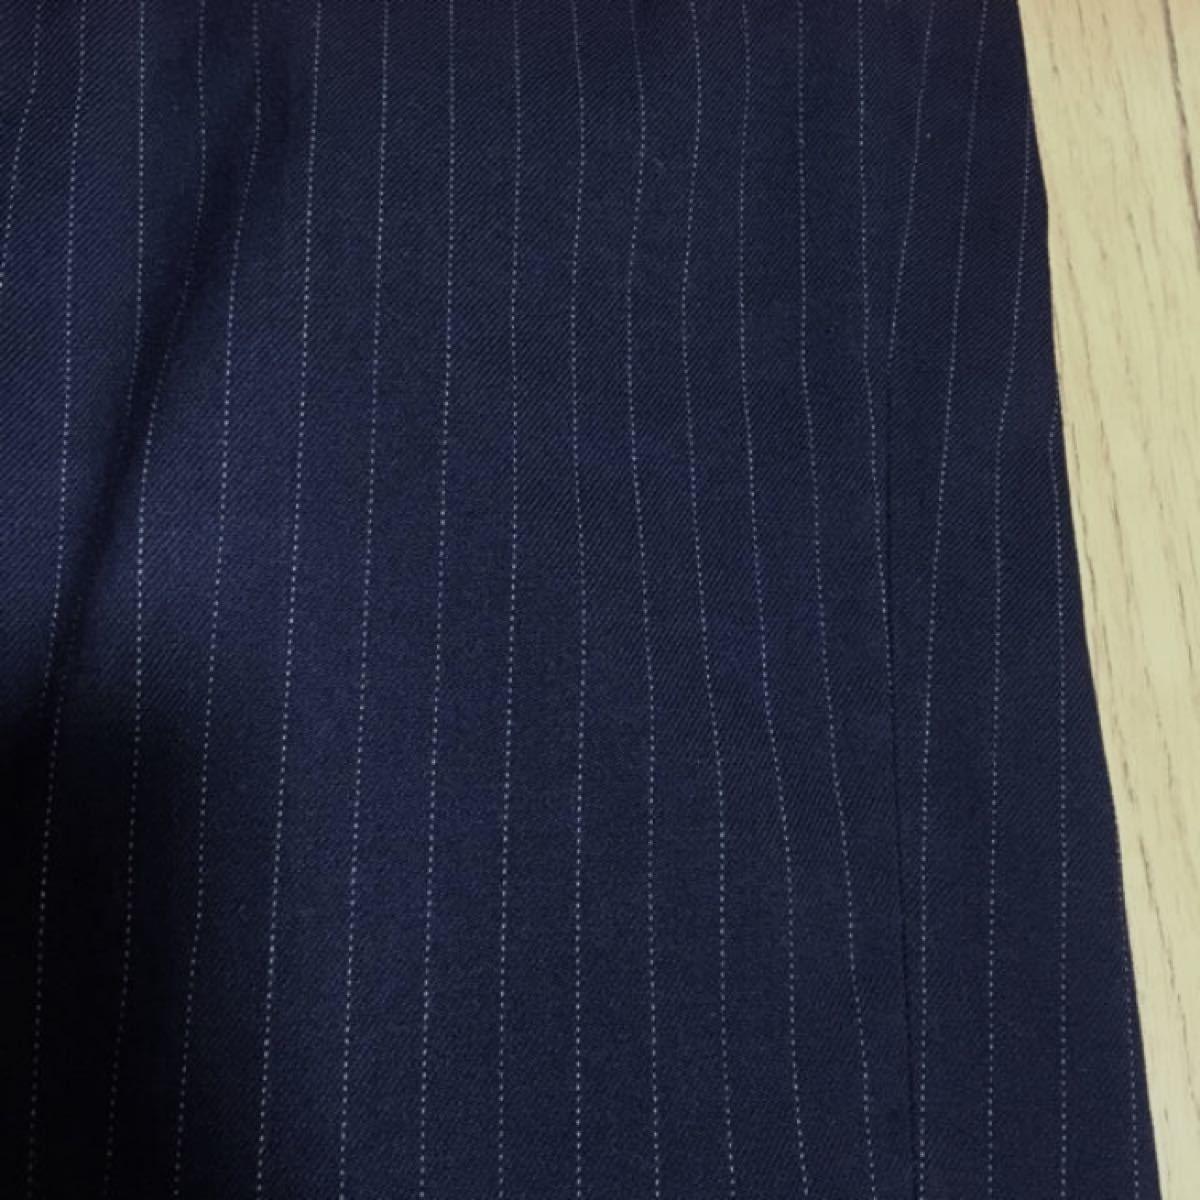 クロップドパンツストレッチ◆UNIQLO テーパード/秋紺色ストライプ足痩せ効果